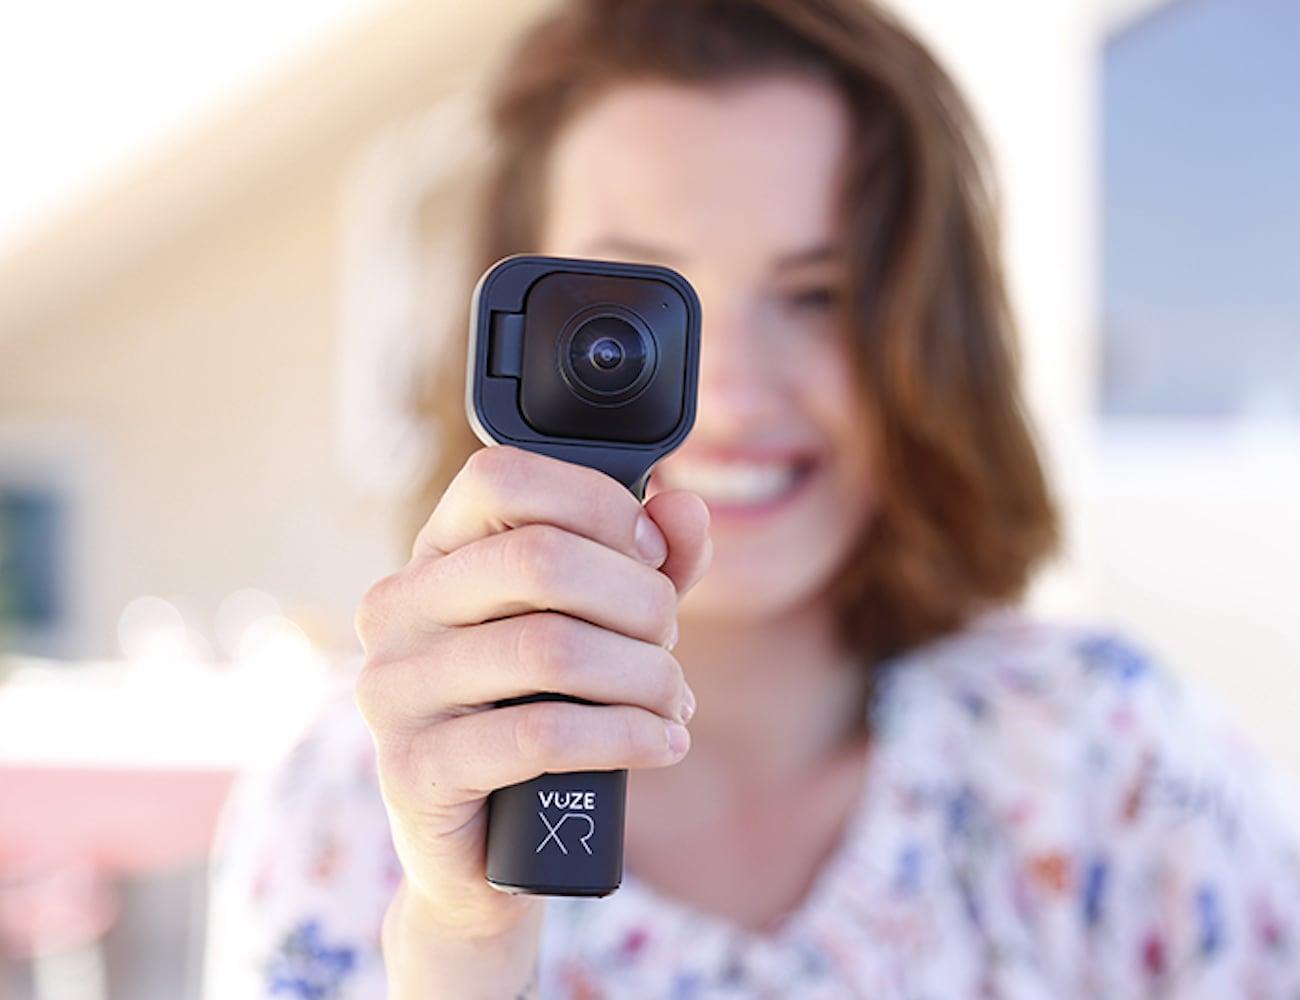 Humaneyes Vuze XR 360 and VR180 Camera